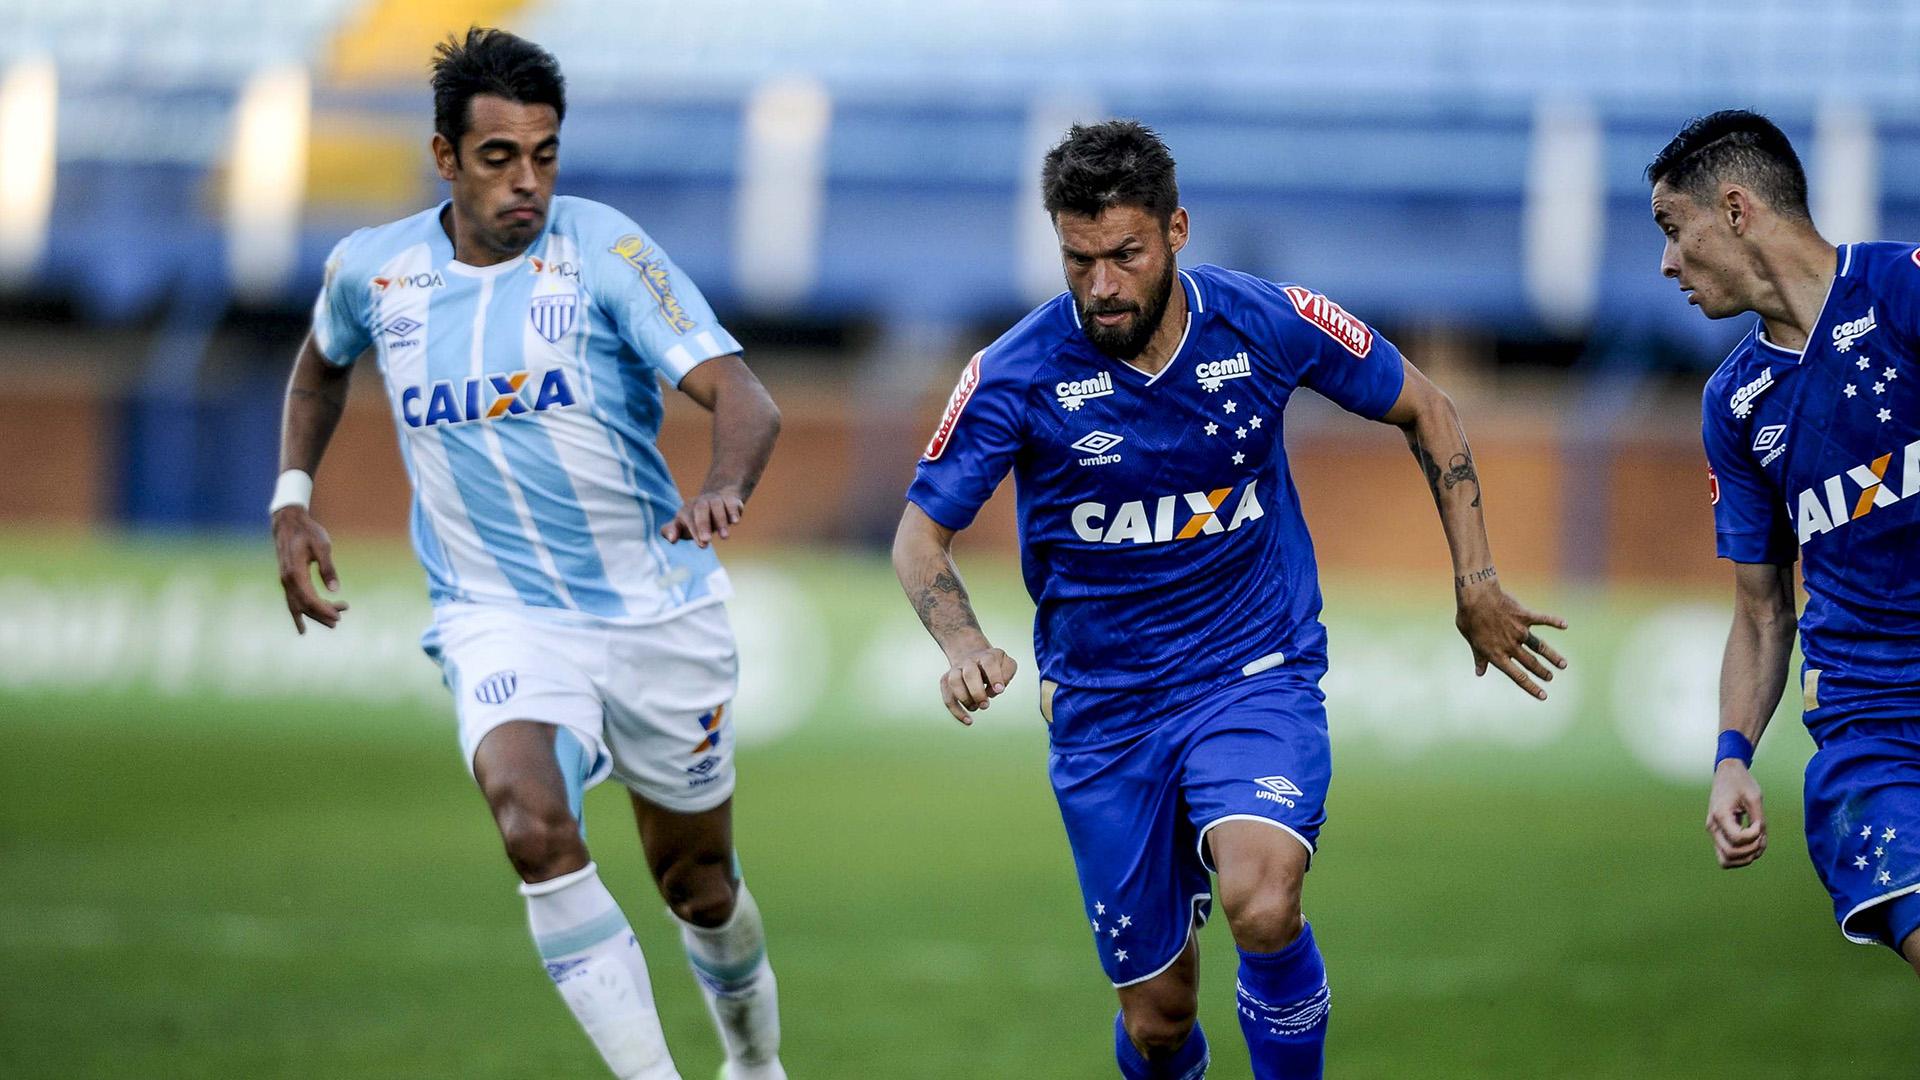 Rafael Sobis Avai Cruzeiro Brasileirao Serie A 23072017